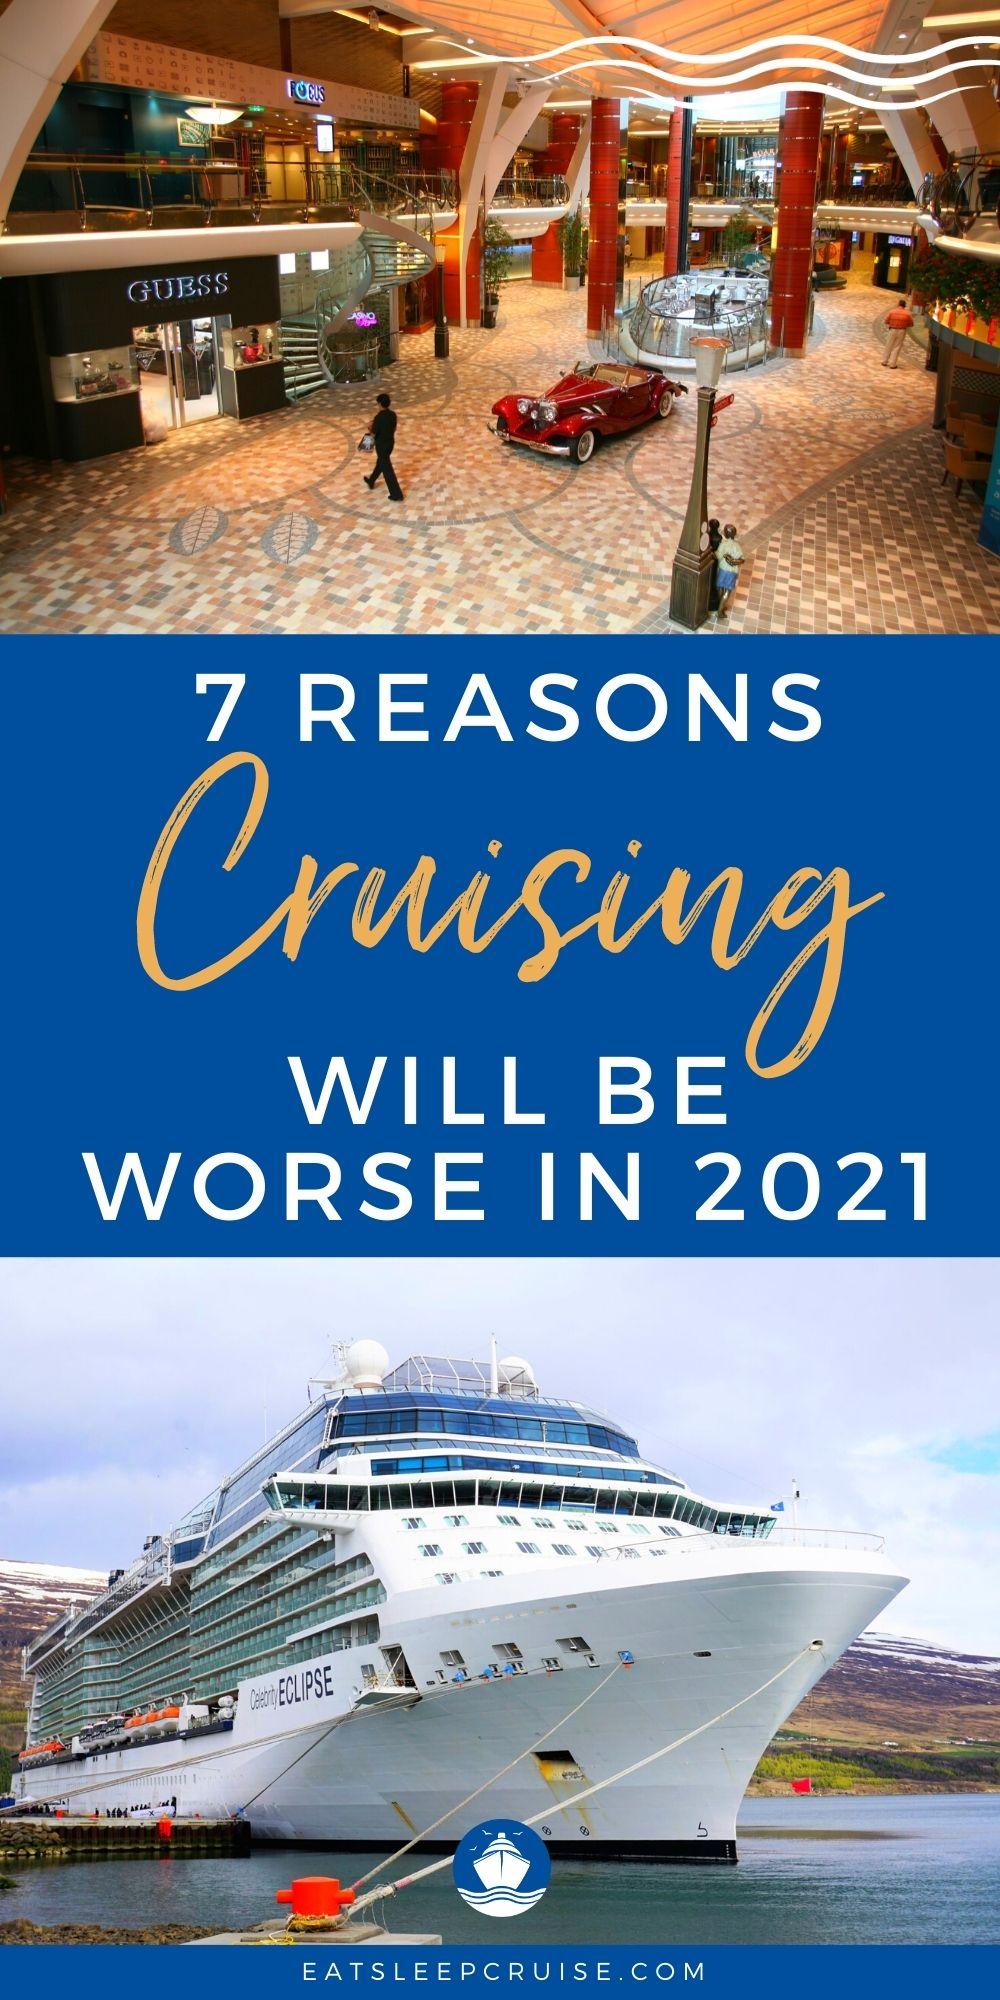 Cruising in 2021